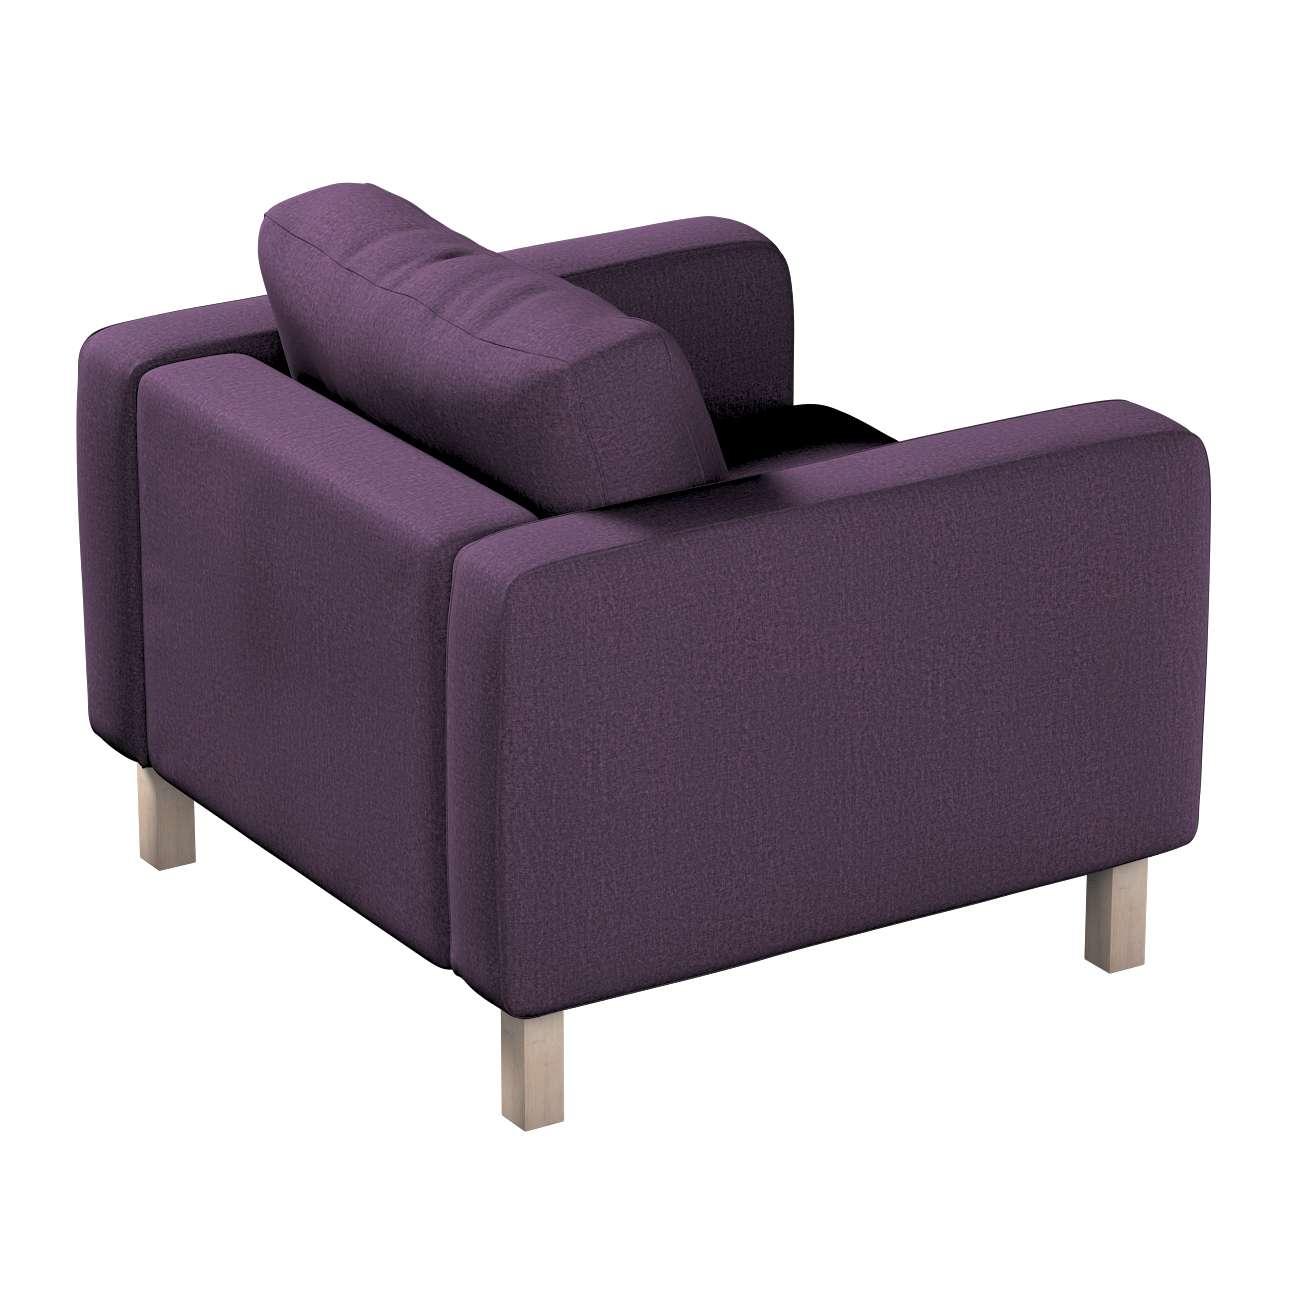 Pokrowiec na fotel Karlstad, krótki w kolekcji Living, tkanina: 161-67